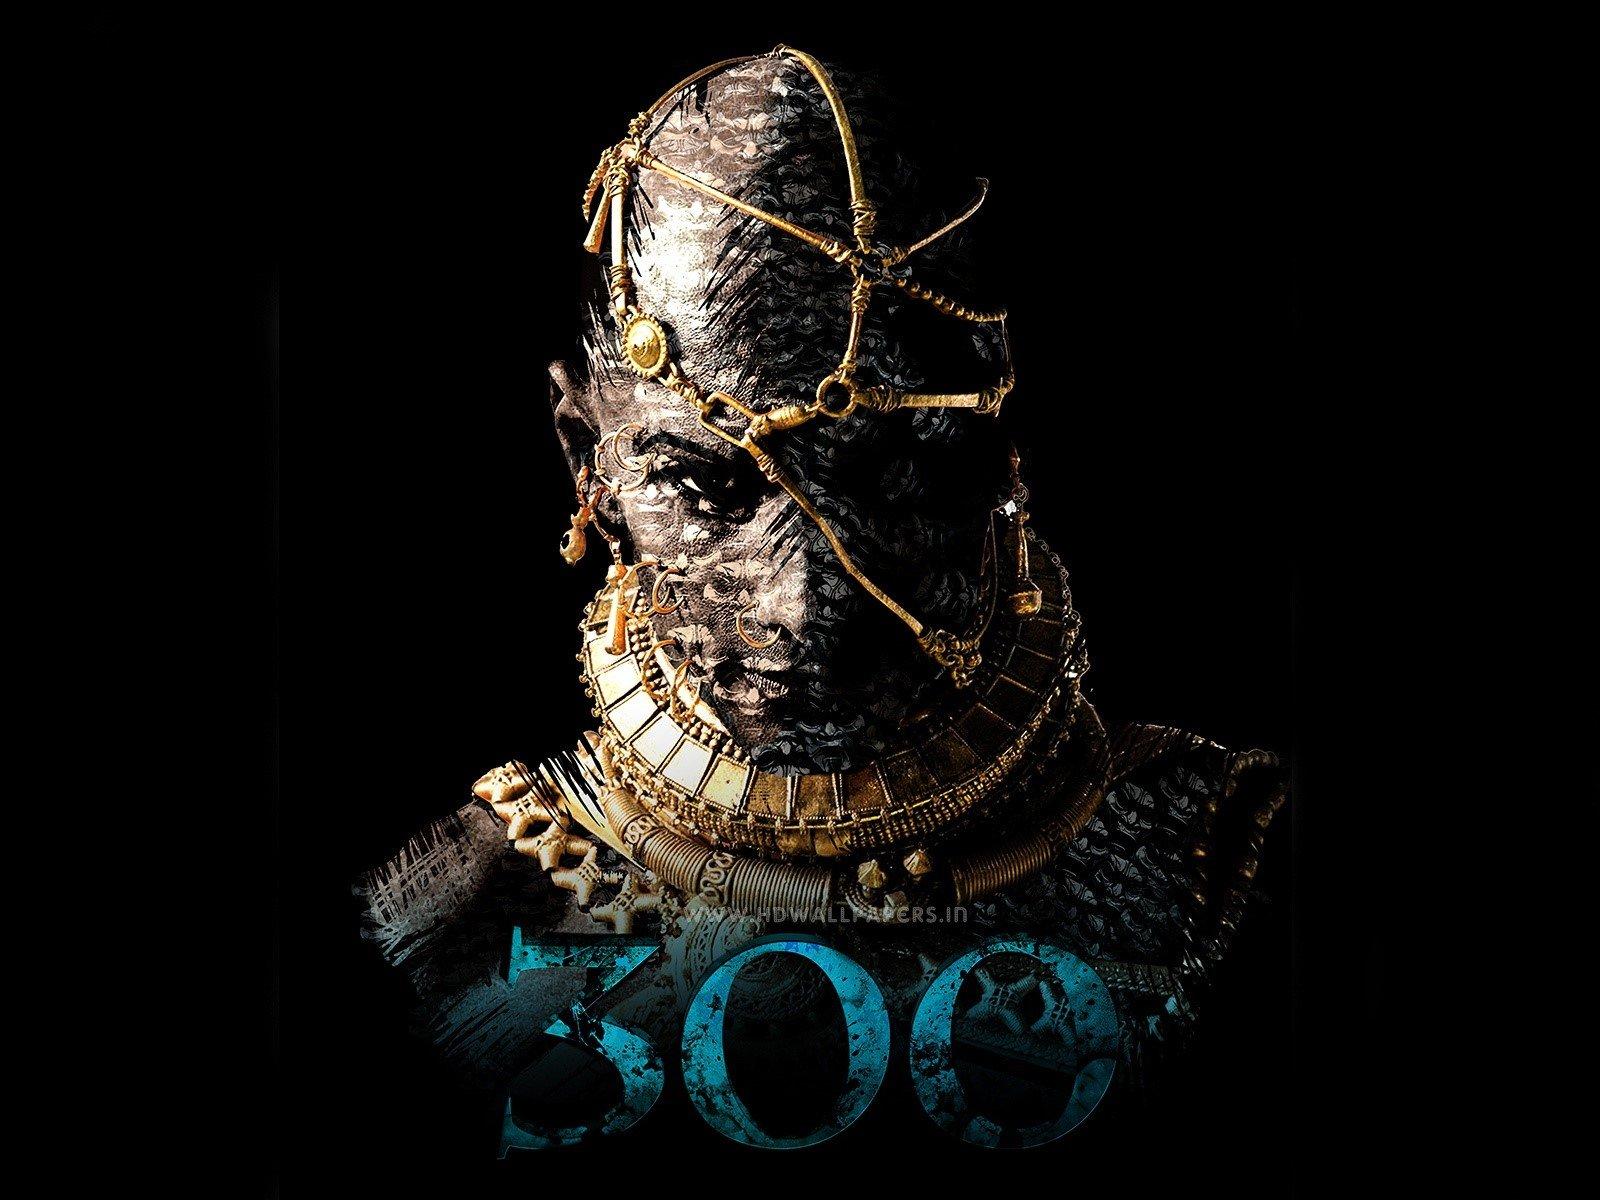 Fondos de pantalla 300 El nacimiento de un imperio